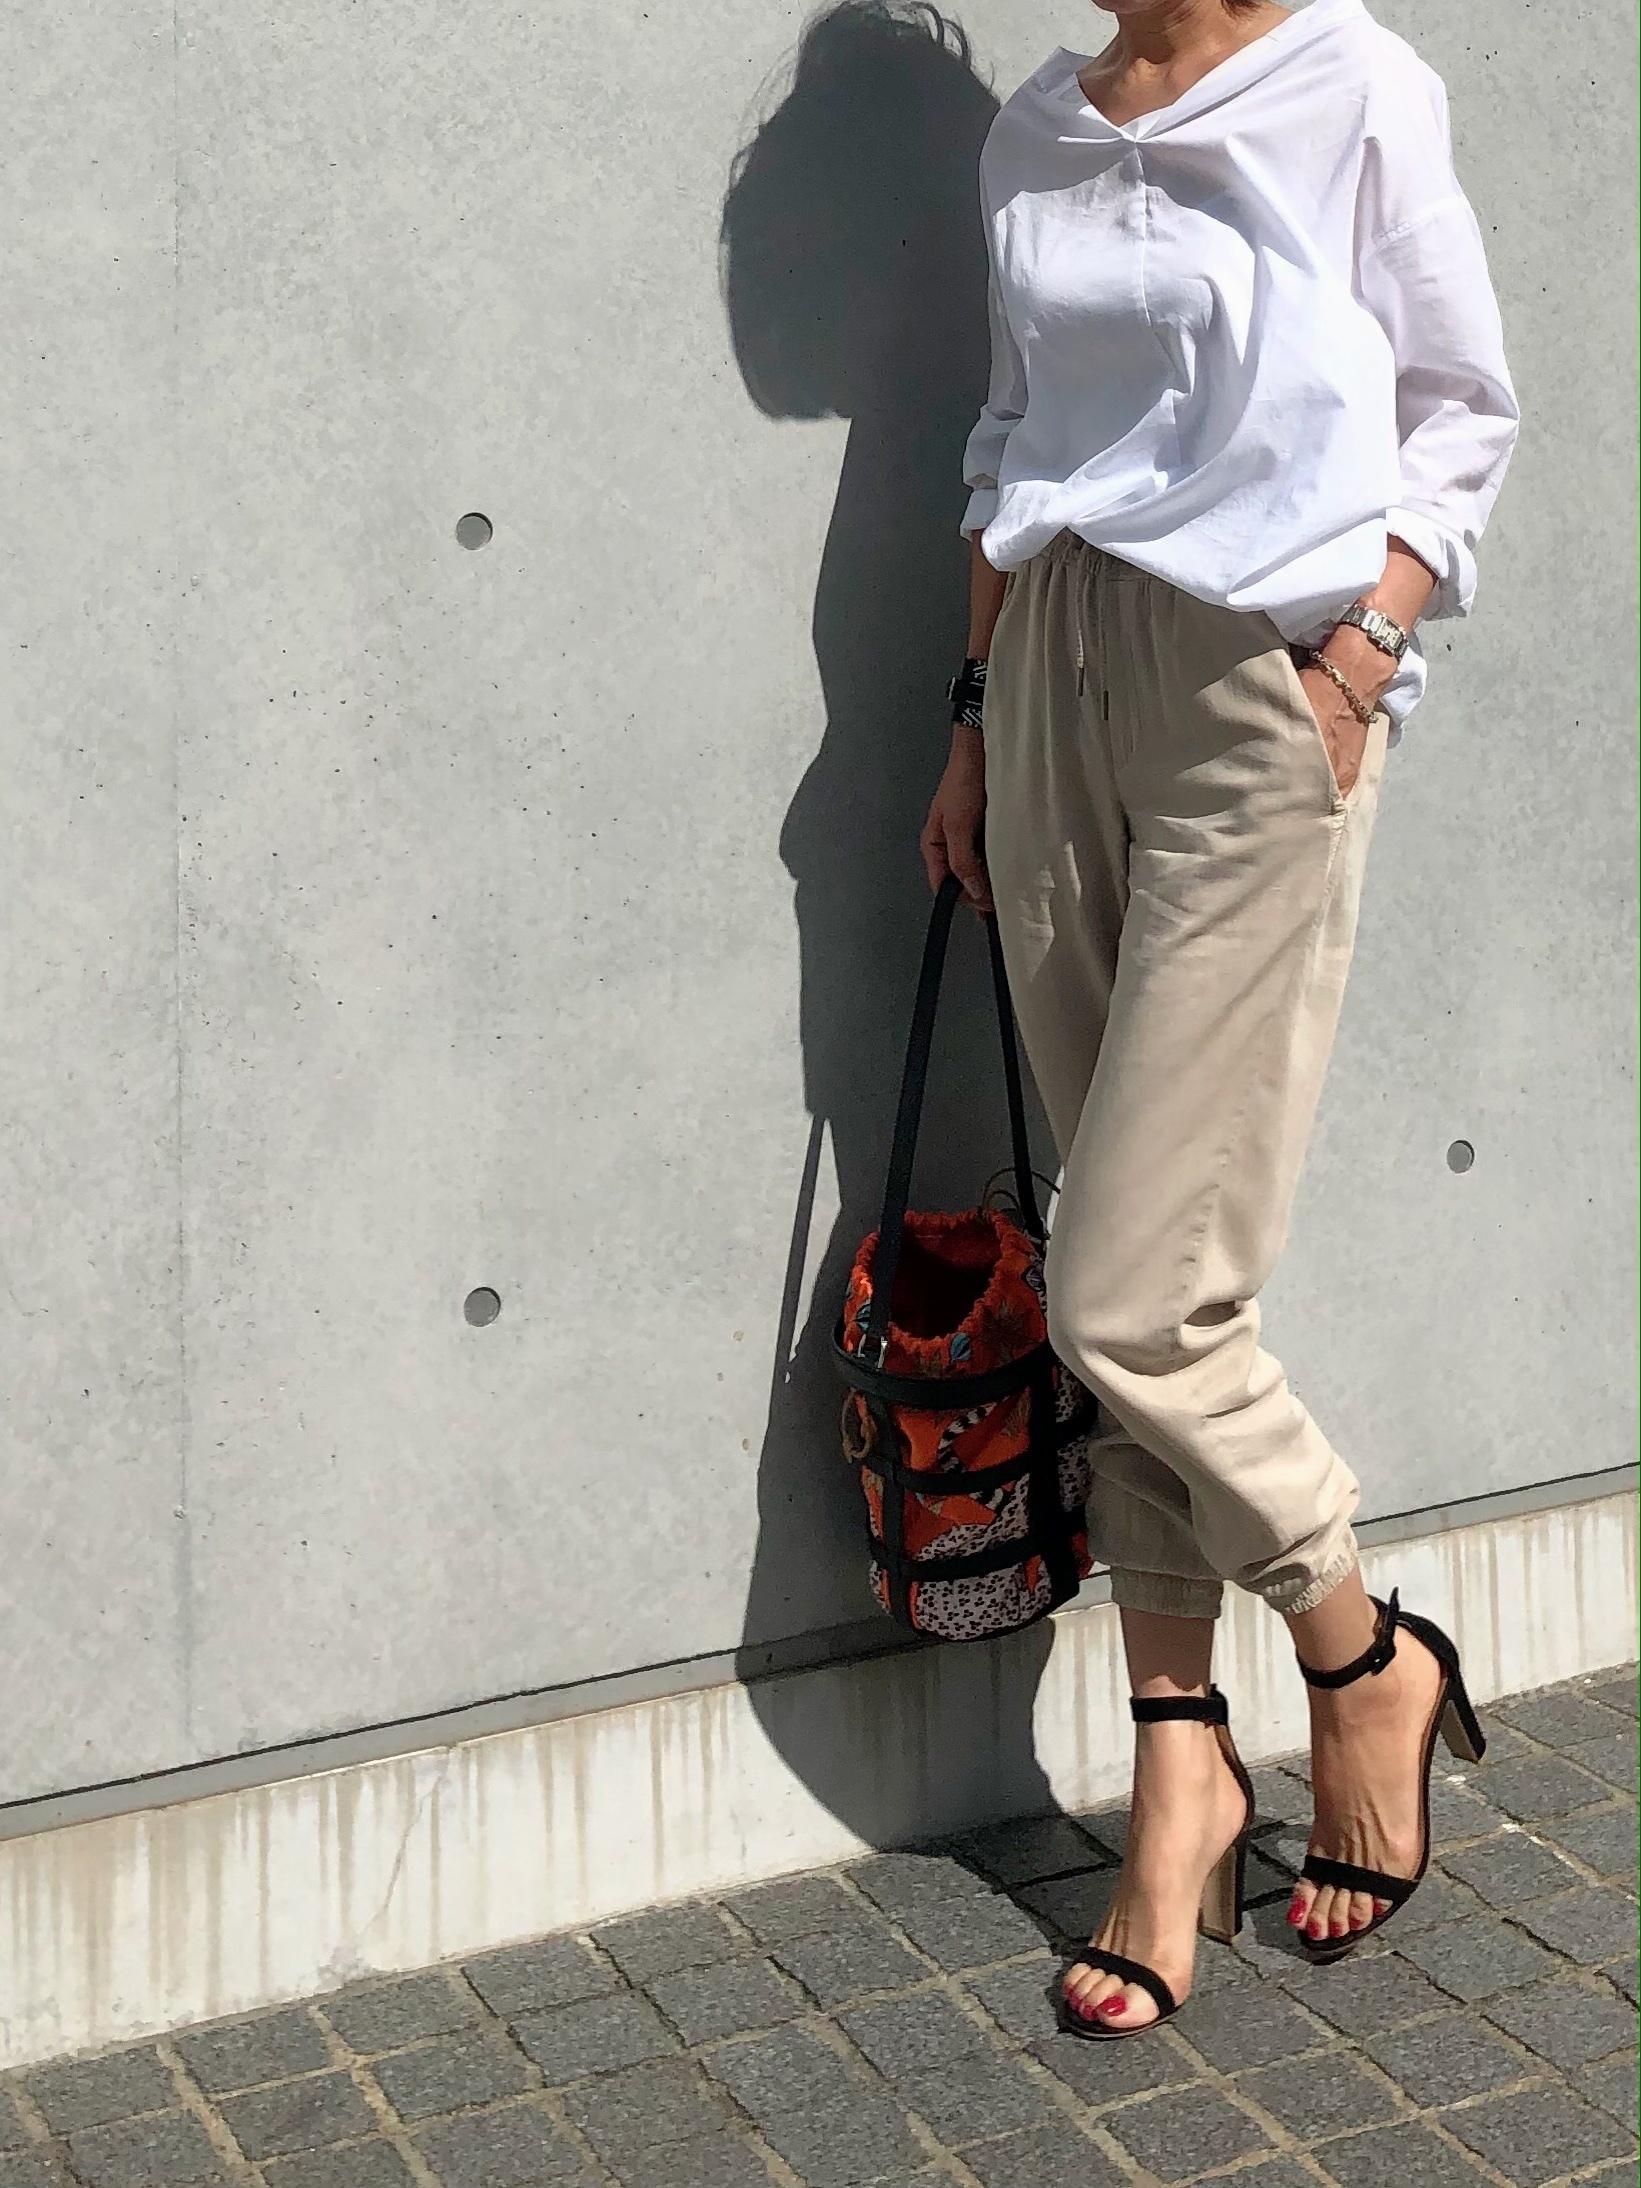 【2020春夏 50代のプチプラファッション】華組ブロガーの『ZARA』プチプラ高見えコーデ特集_1_34